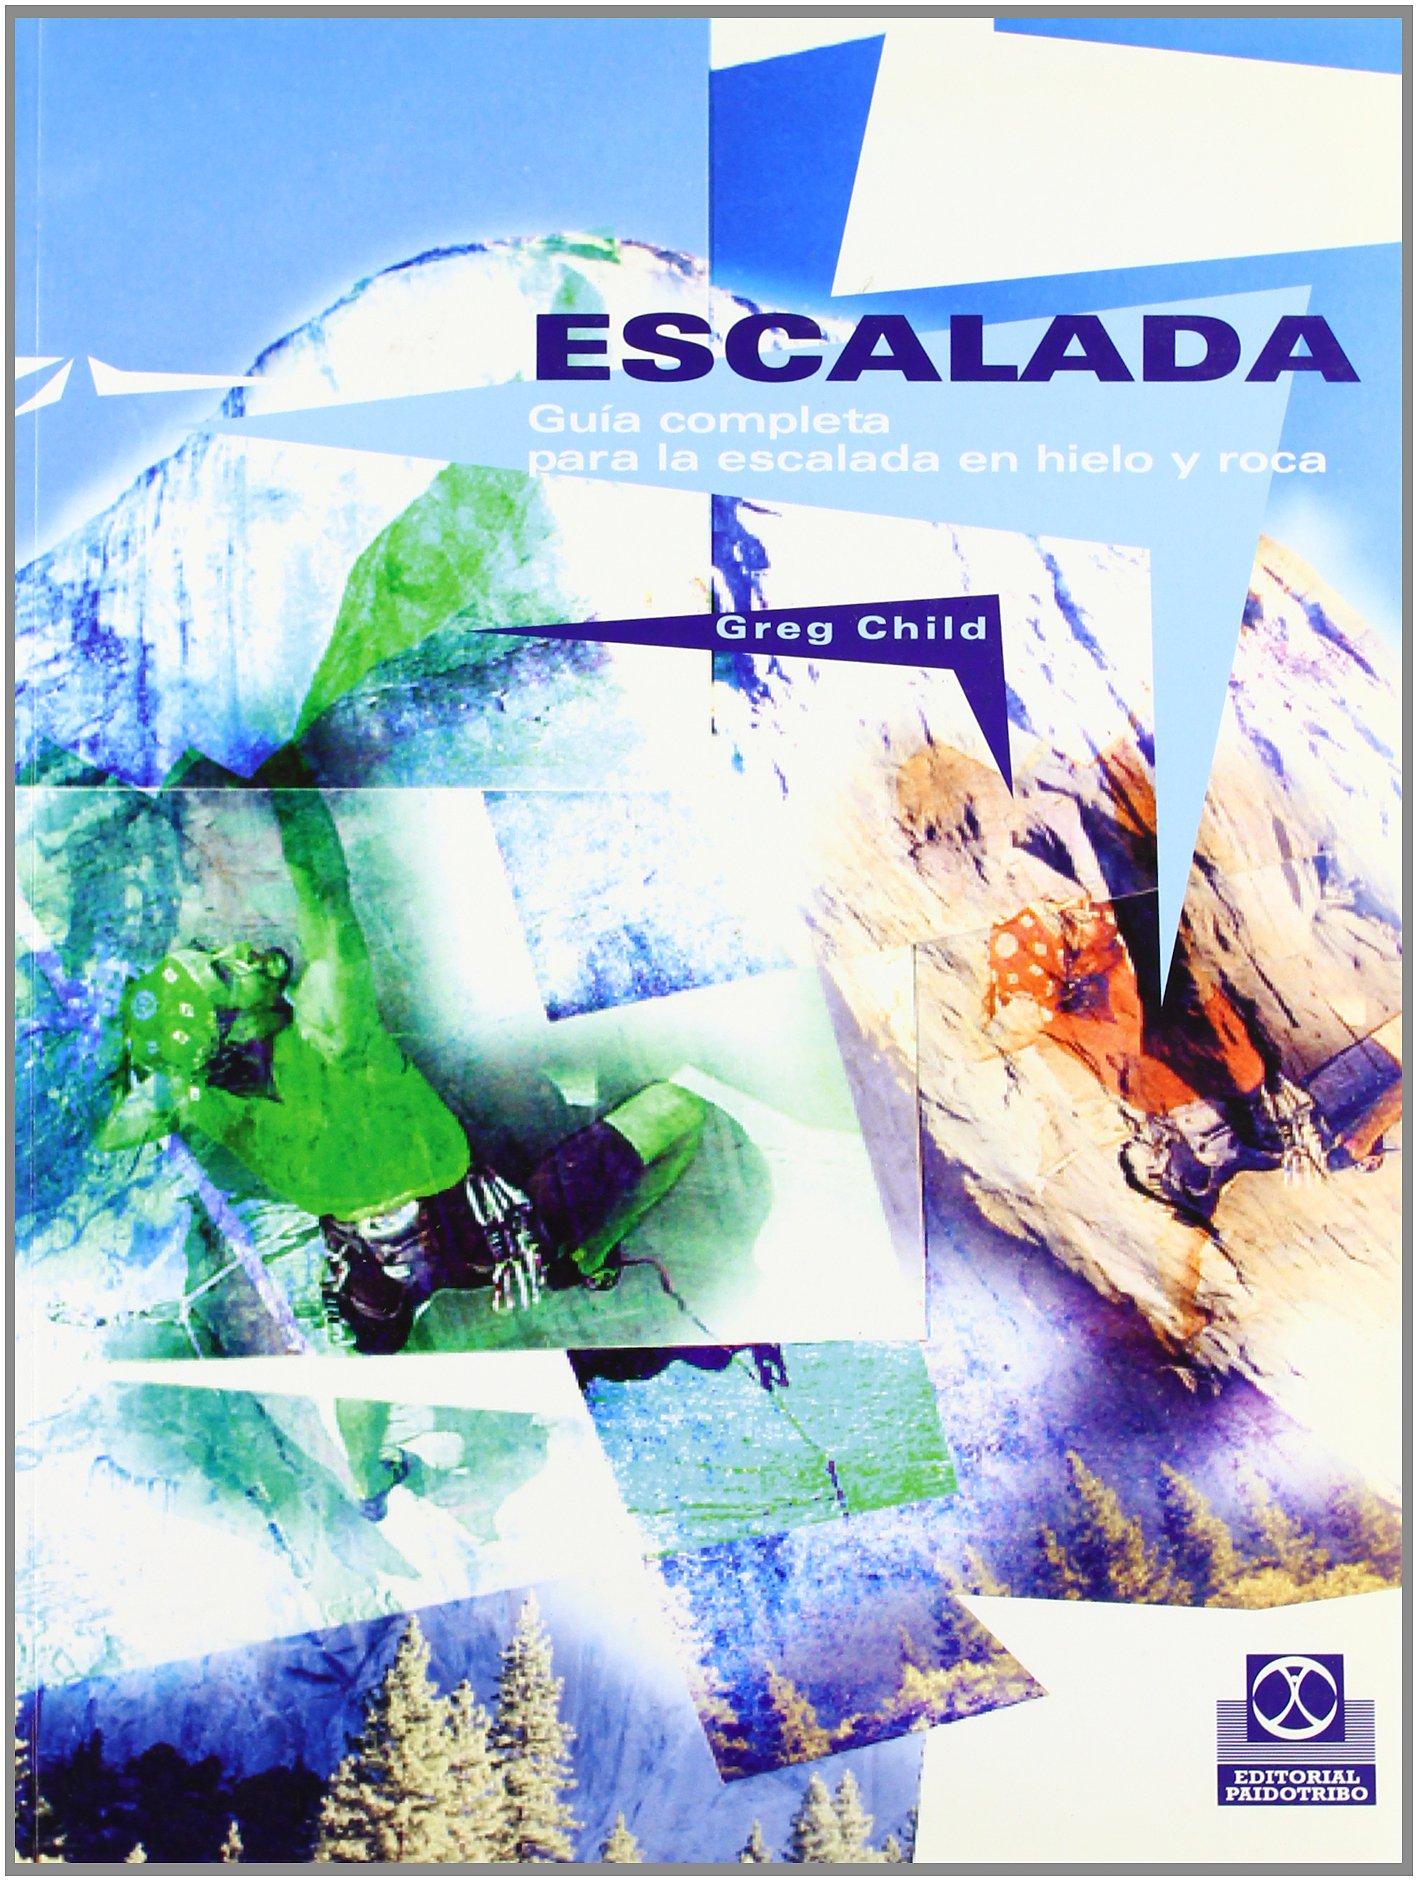 Escalada guia completa para escalada en hielo y roca: Amazon ...